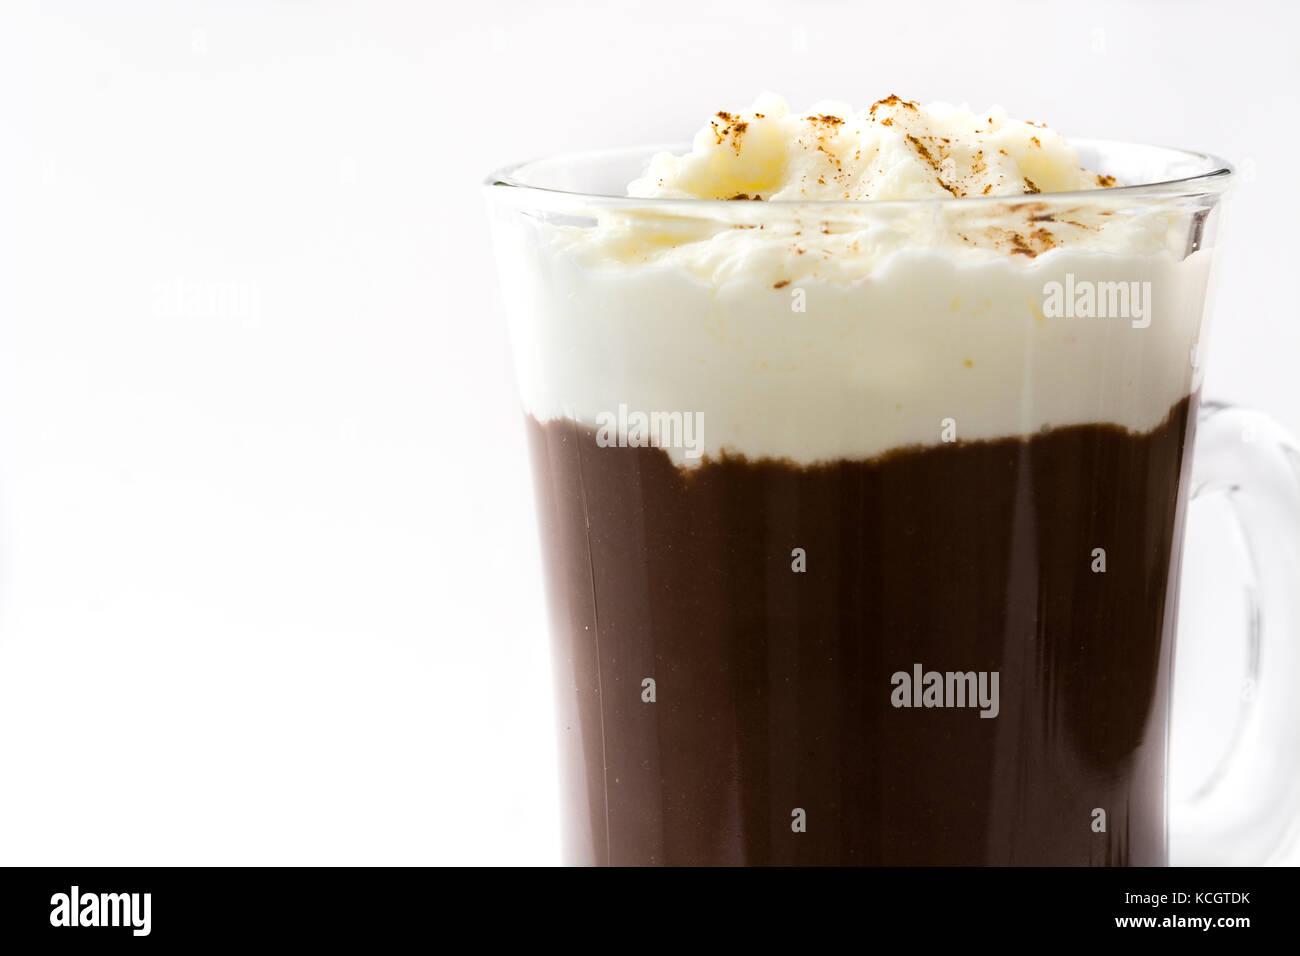 Le café irlandais en verre isolé sur fond blanc Photo Stock